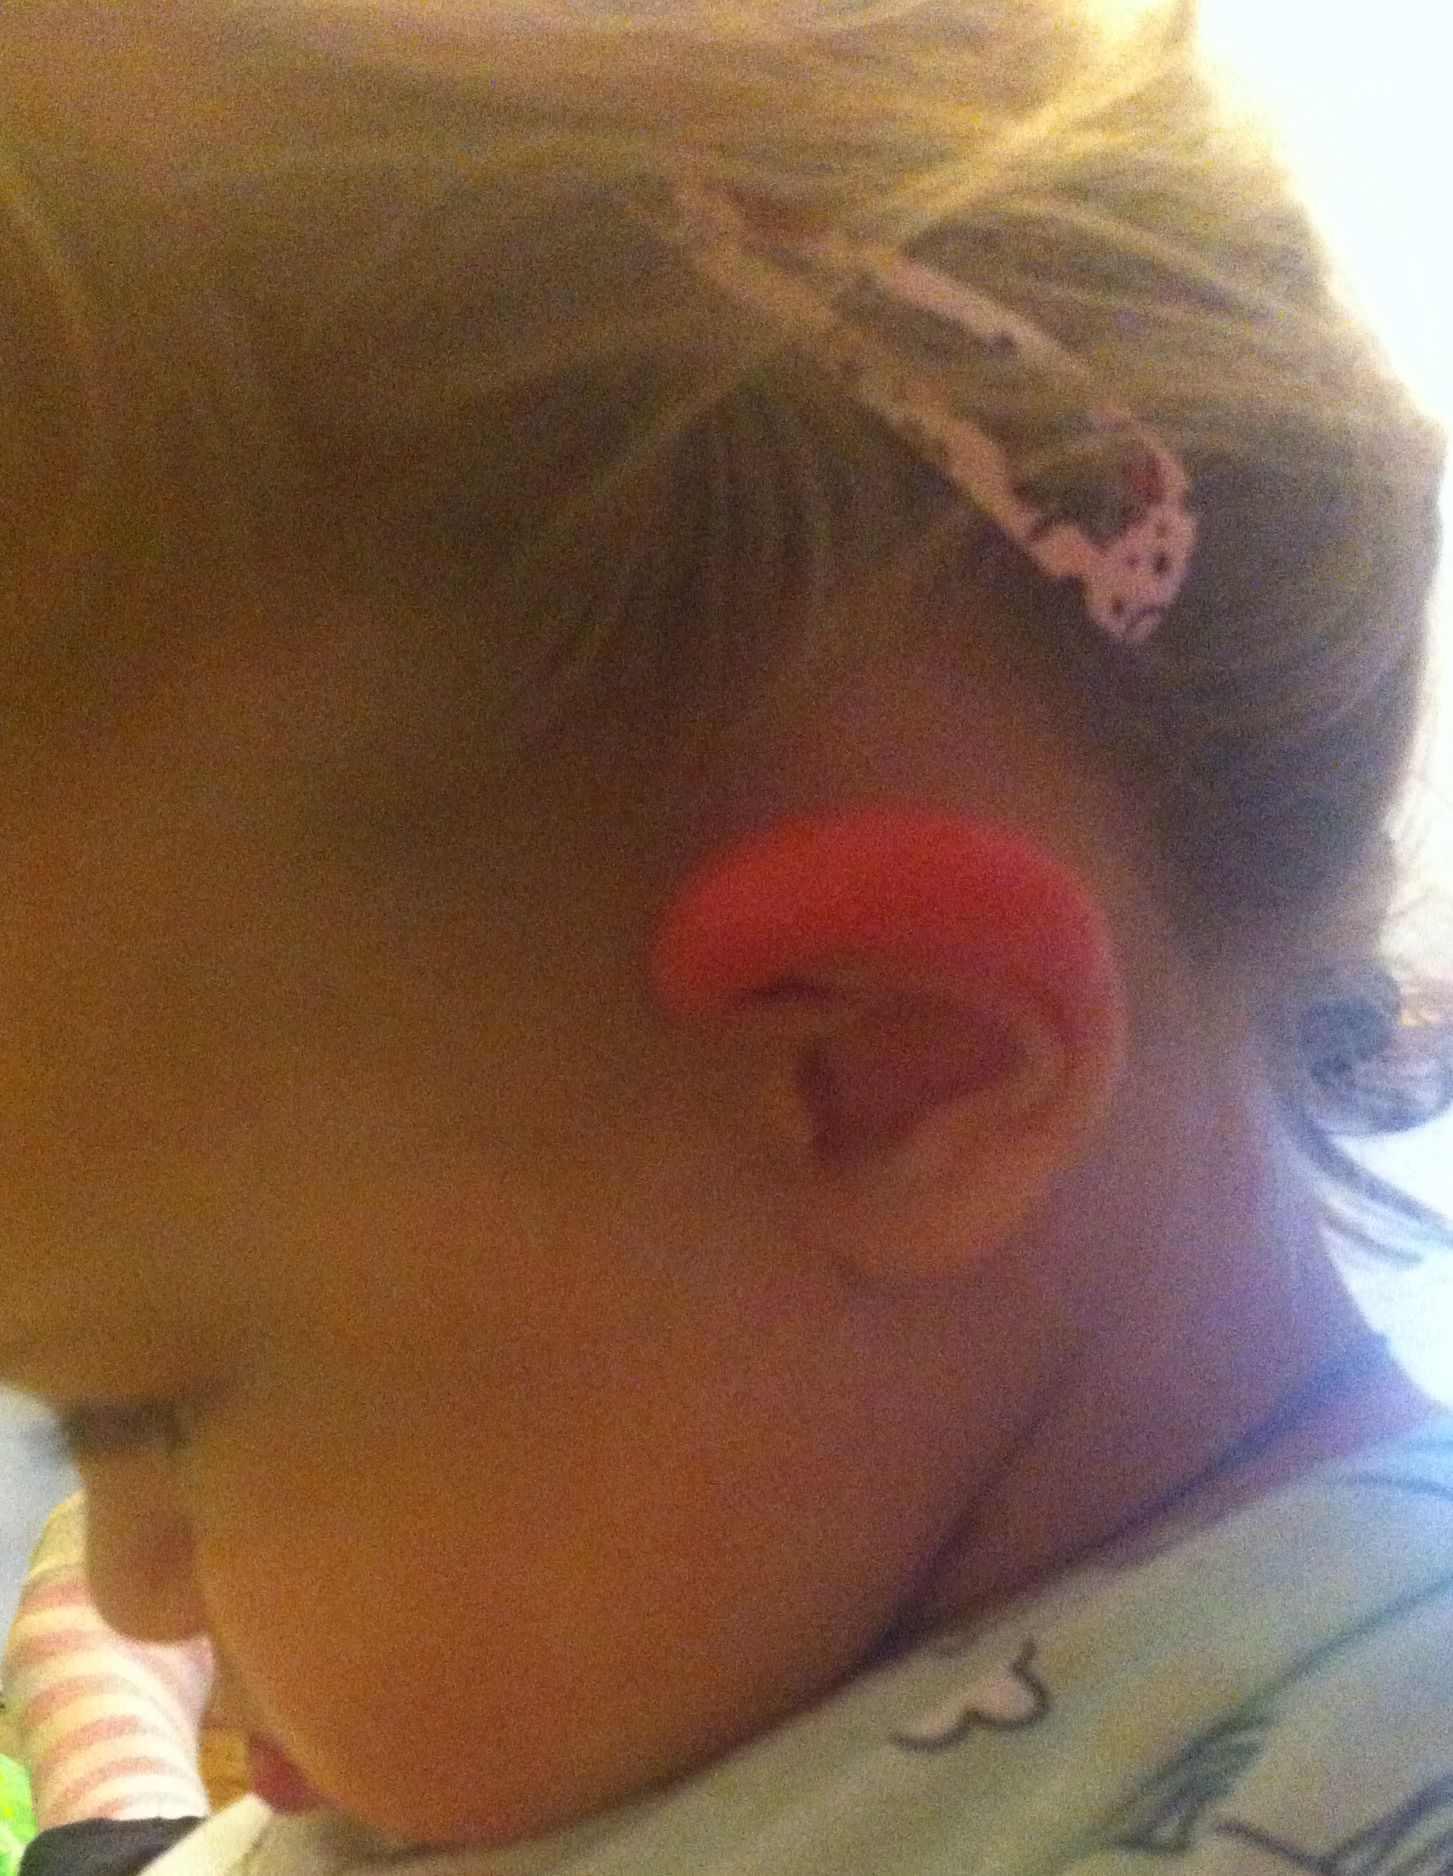 Ребенка красное ухо внутри. что делать, если у ребенка опухло и покраснело ухо снаружи, а ушная раковина горячая: причины и лечение